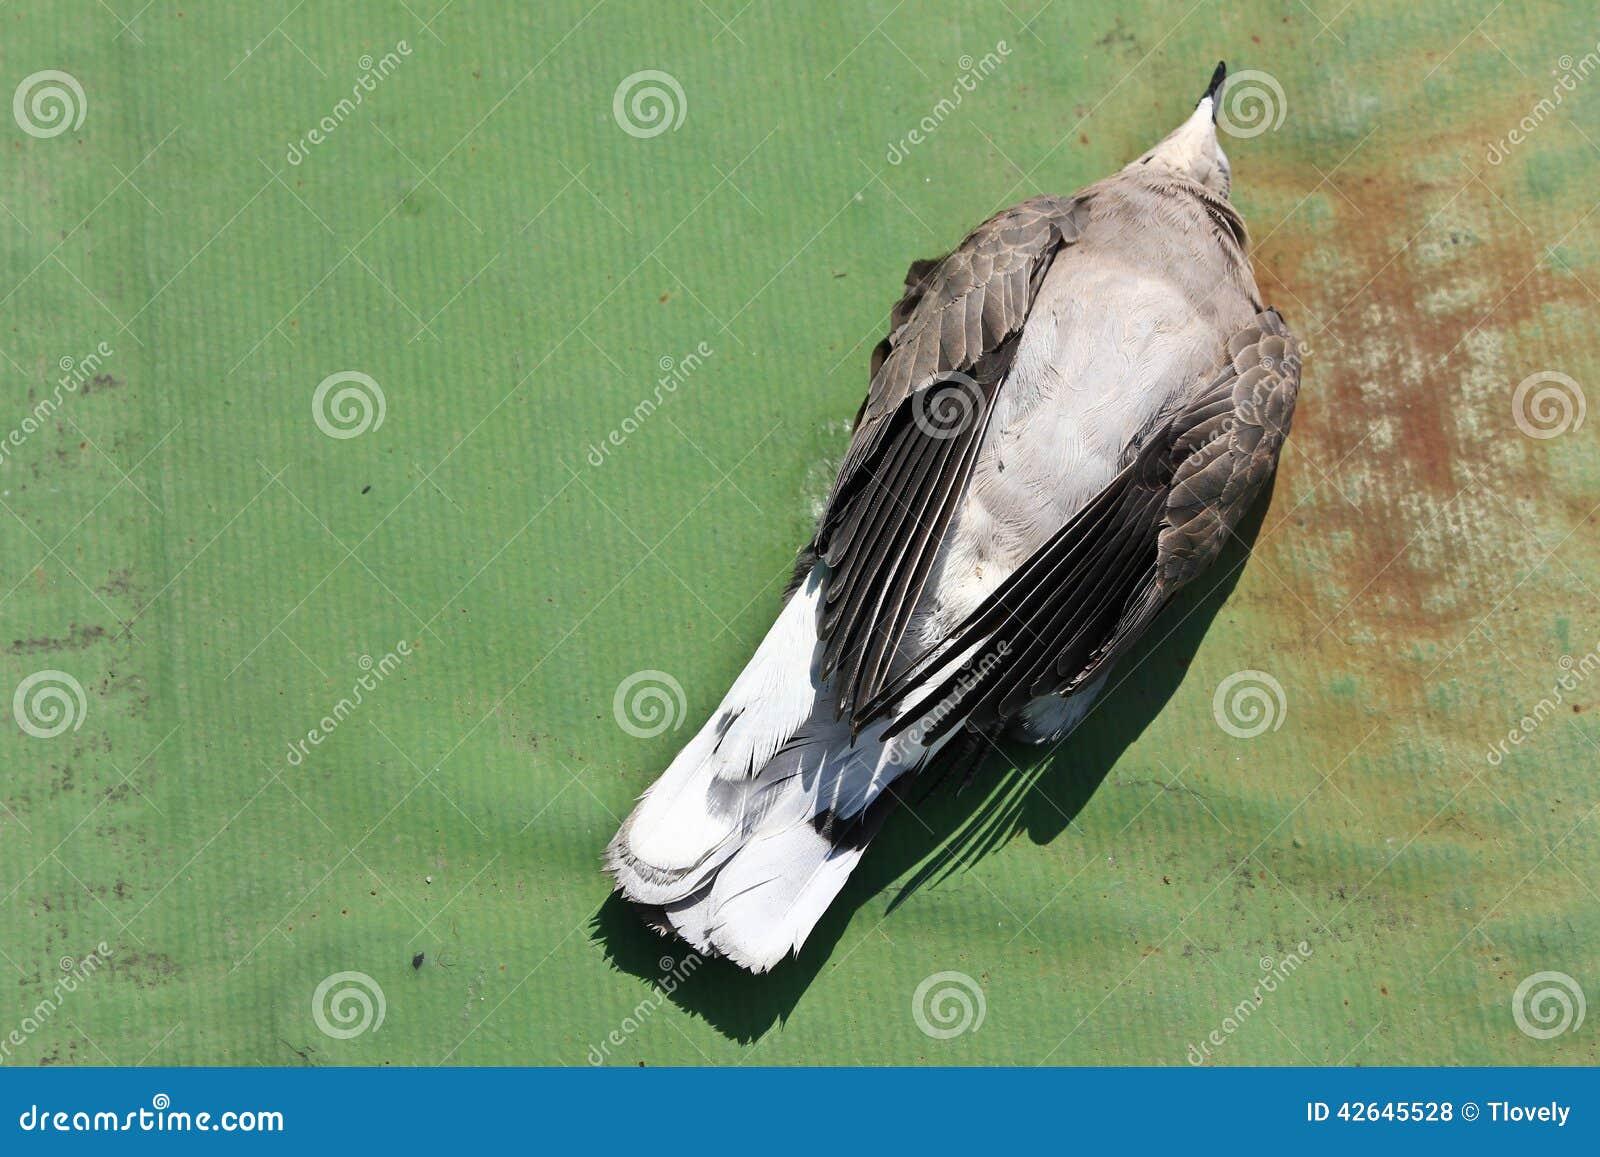 pigeon empoisonn par les graines trait es photo stock image du pesticide nature 42645528. Black Bedroom Furniture Sets. Home Design Ideas